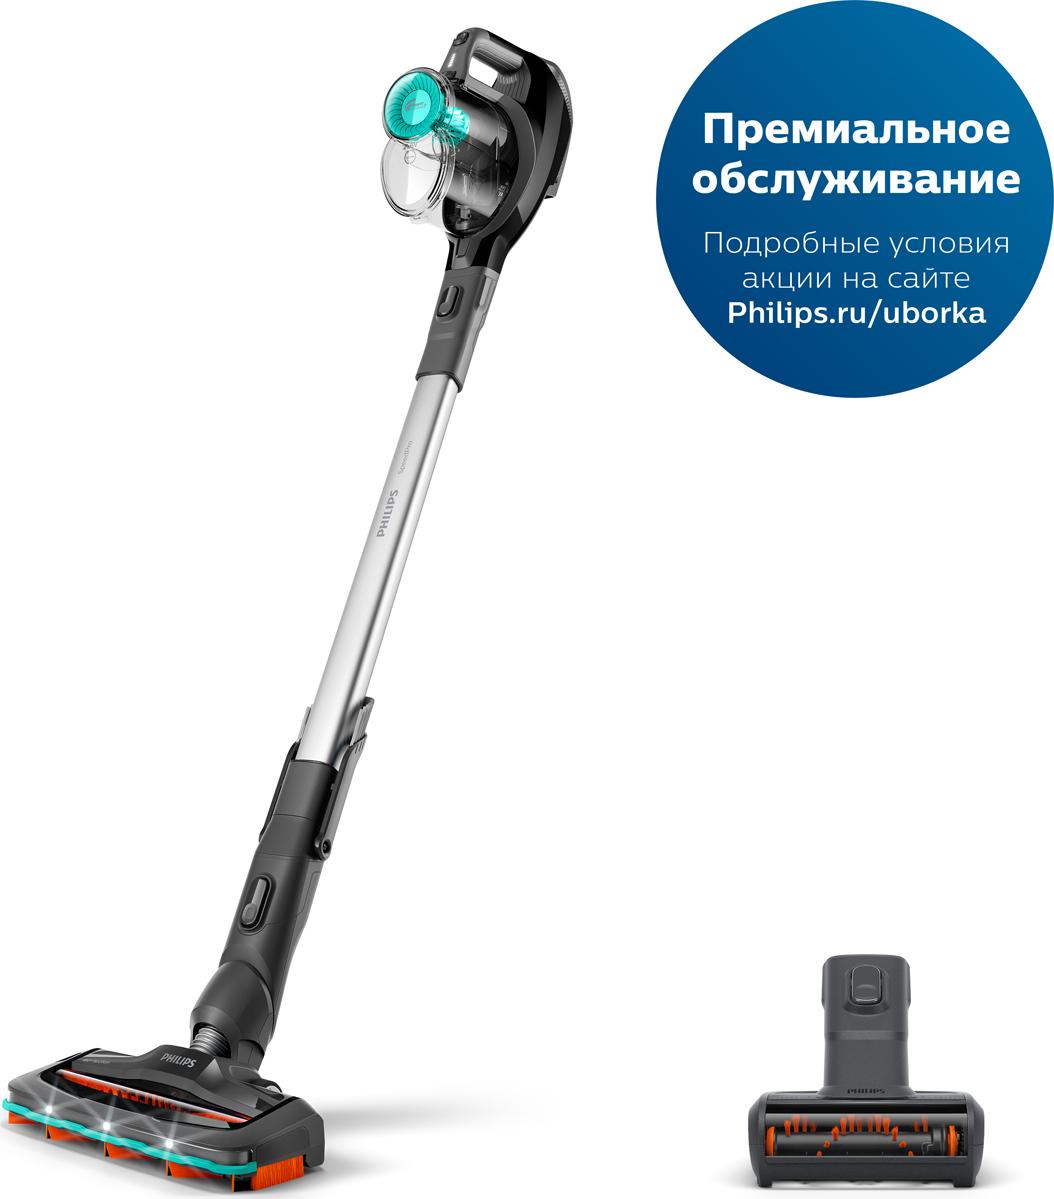 Пылесос Philips SpeedPro FC6726/01 2-в-1, черный